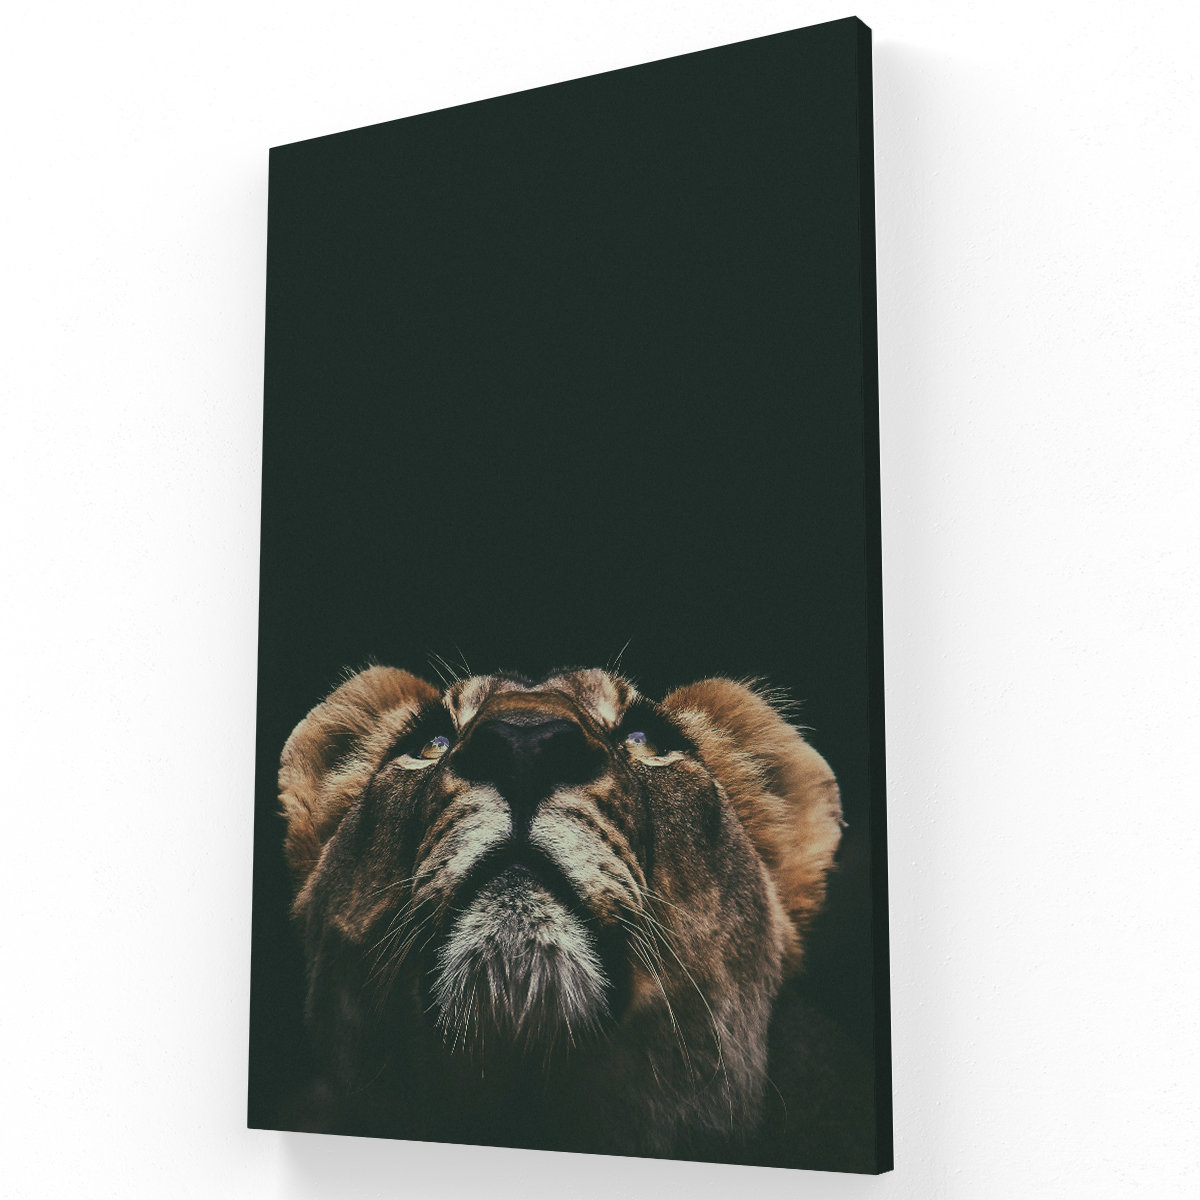 Leon Canvas Krea Canvas - Cuadros Decorativos Para Salas